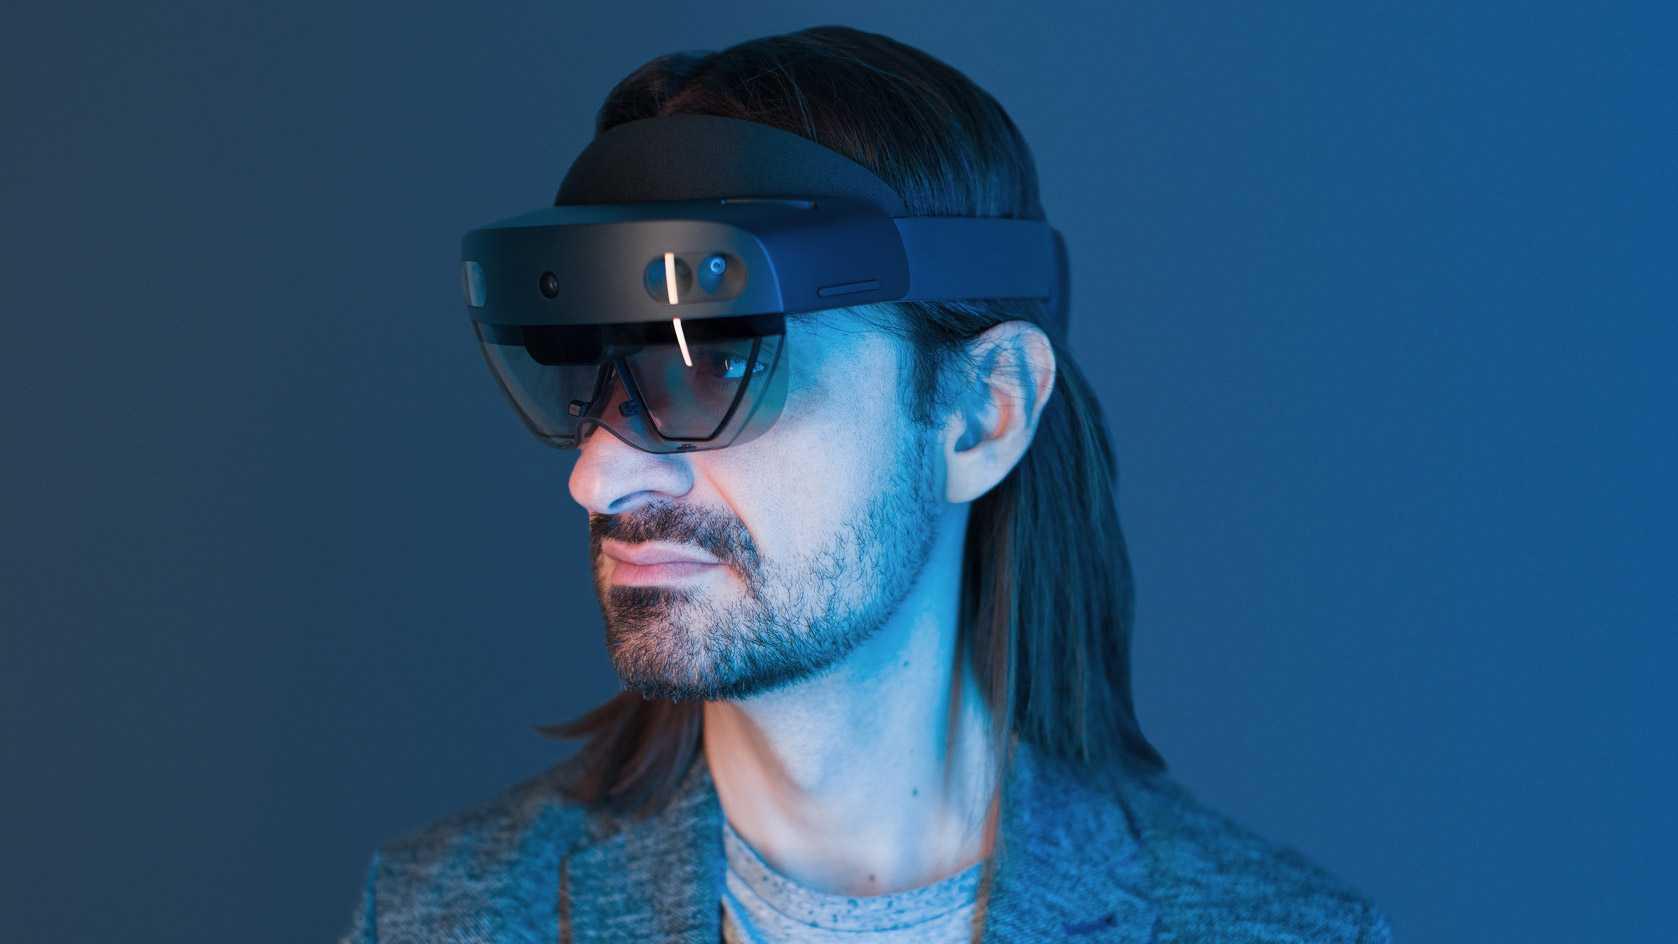 Наконец-то многообещающие очки дополненной реальности от корпорации Microsoft поступили в продажу Как и ожидалось ценник далеко не демократичный – 3500 долларов Во